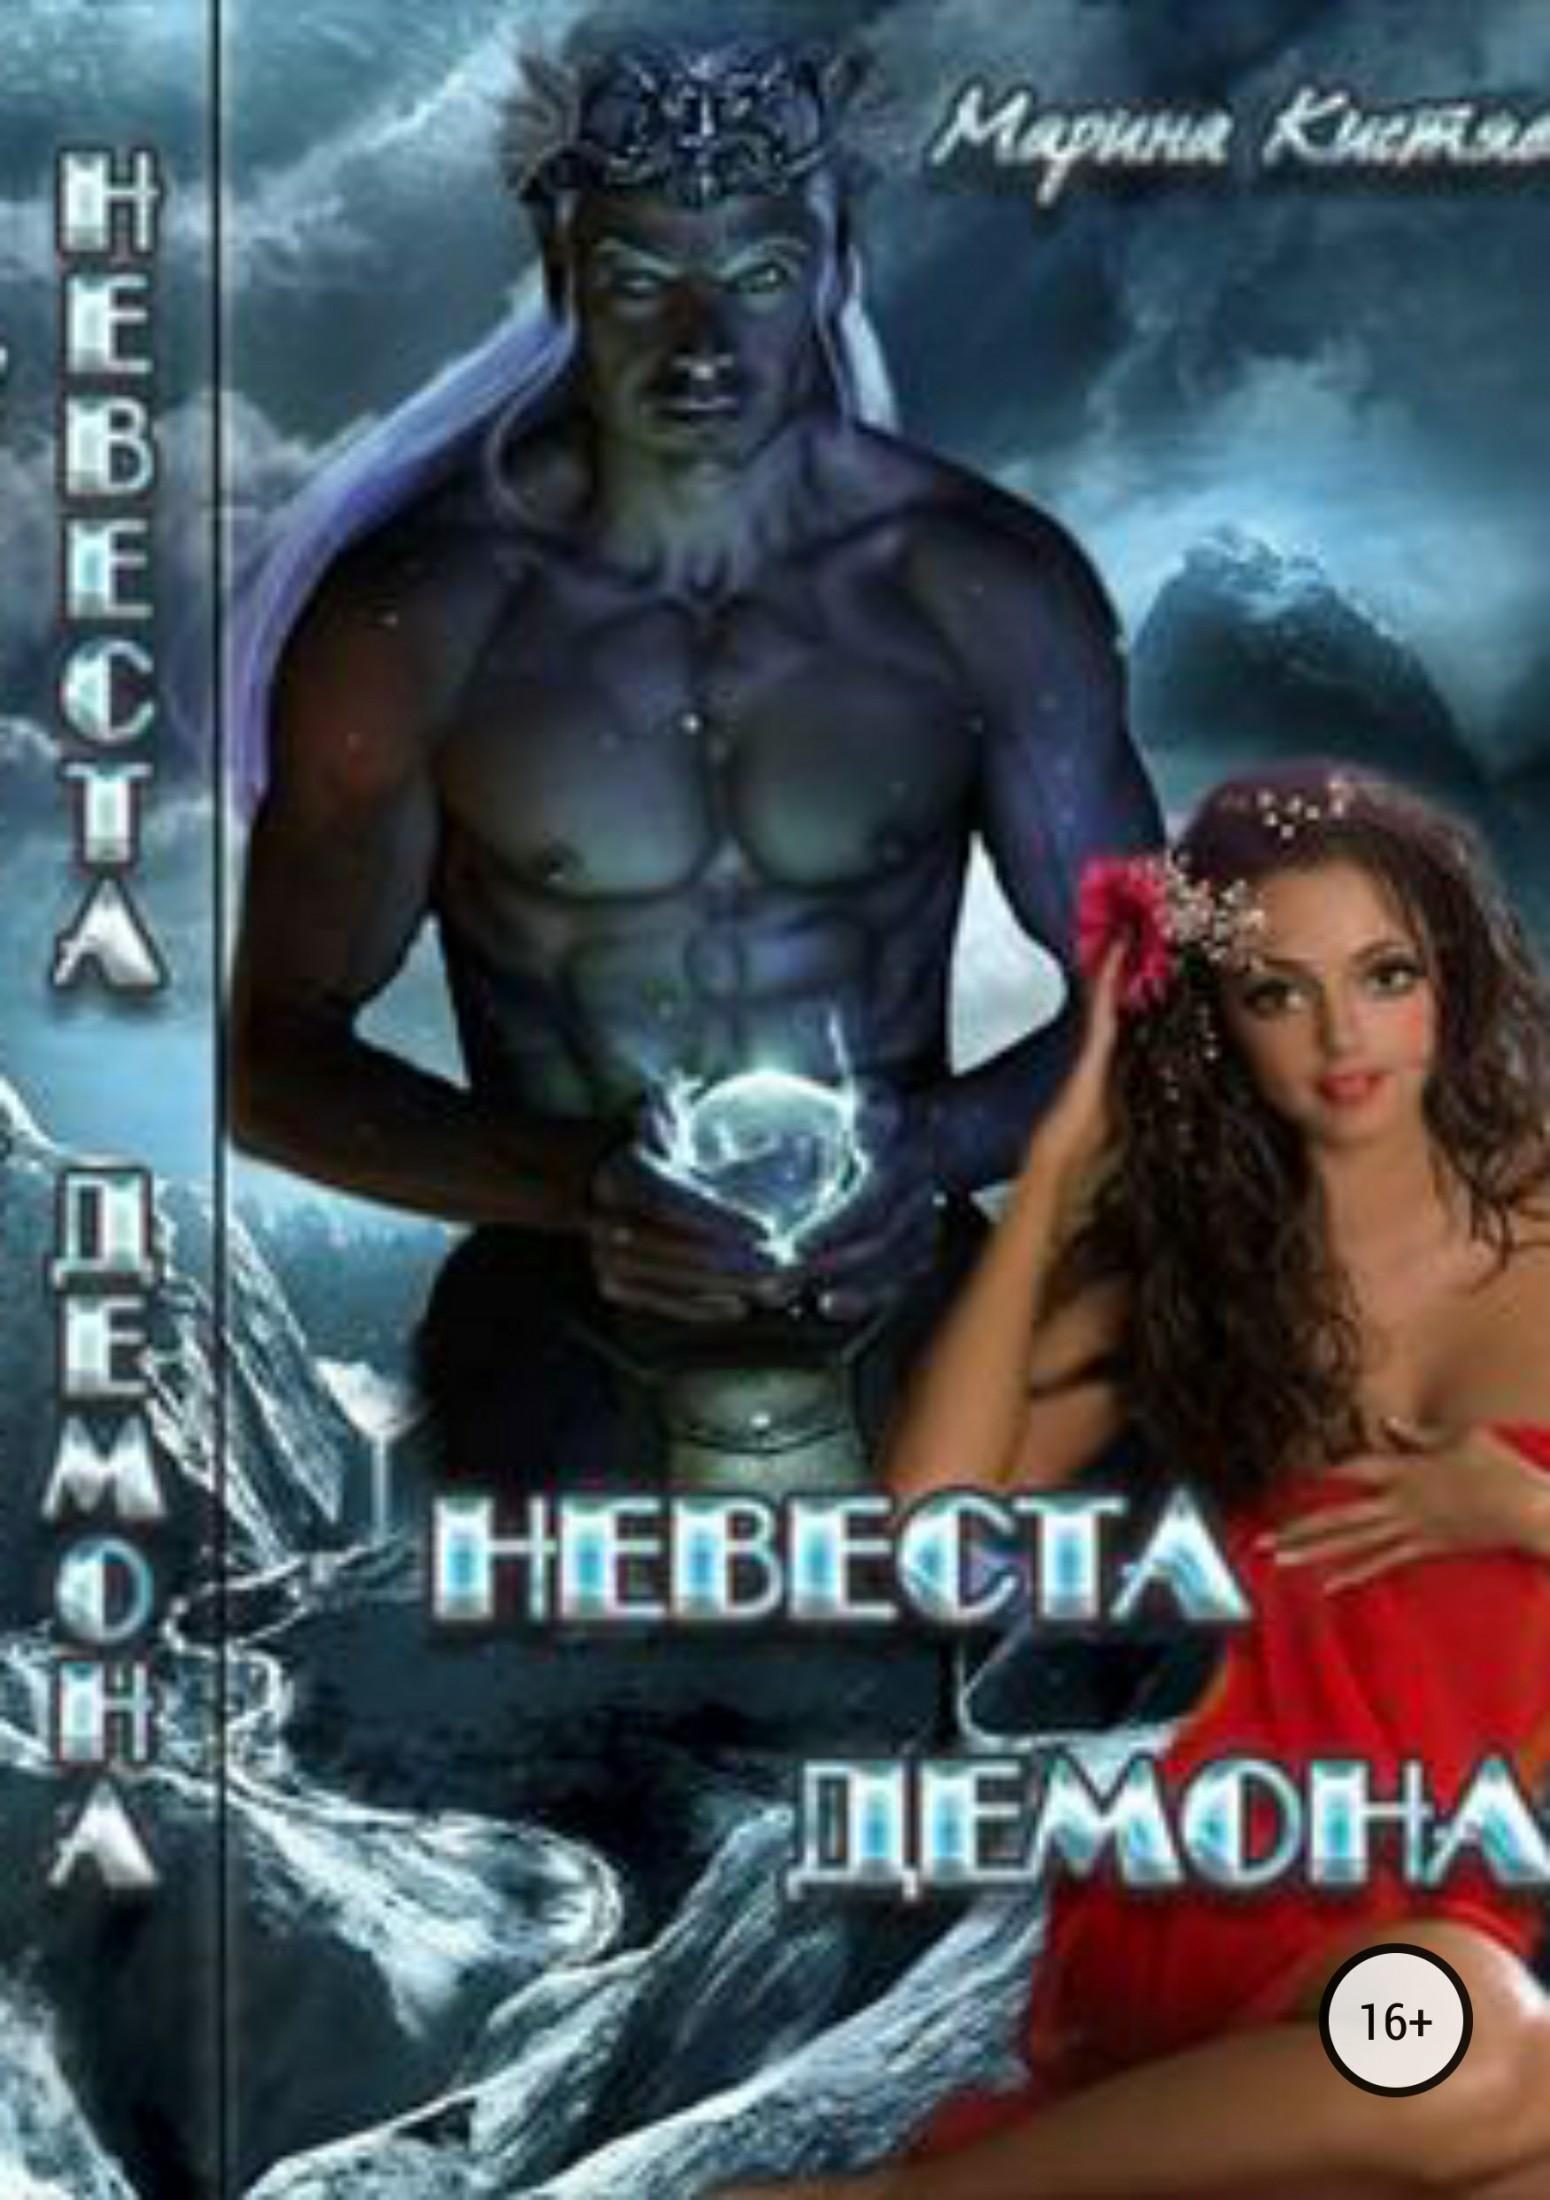 Марина Анатольевна Кистяева. Невеста демона